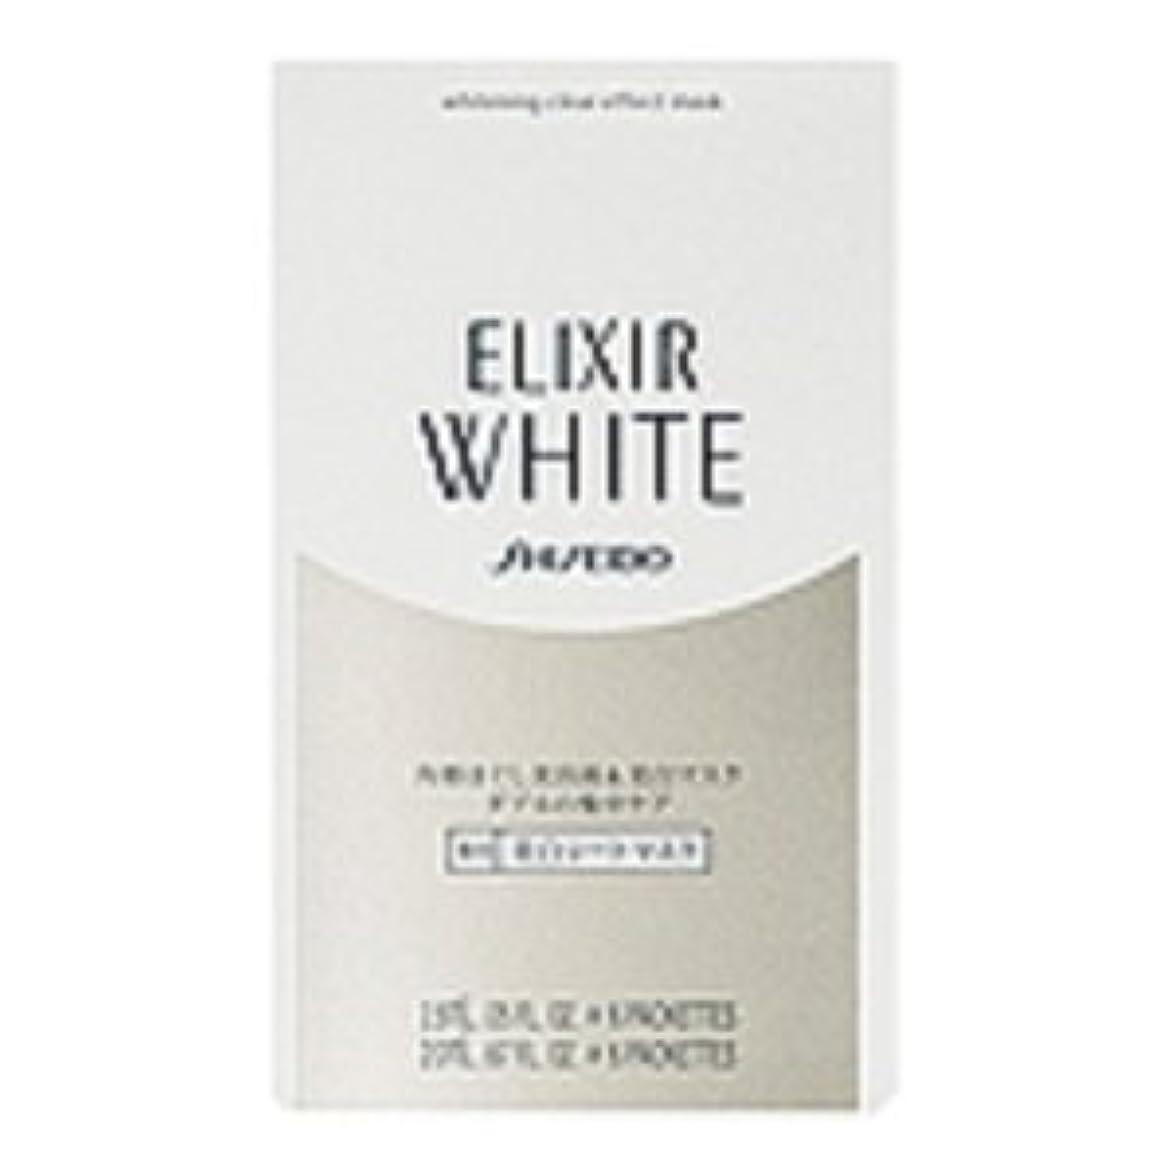 喜ぶ正気権限を与える資生堂 エリクシール ホワイト クリアエフェクトマスク 6セット入 アウトレット